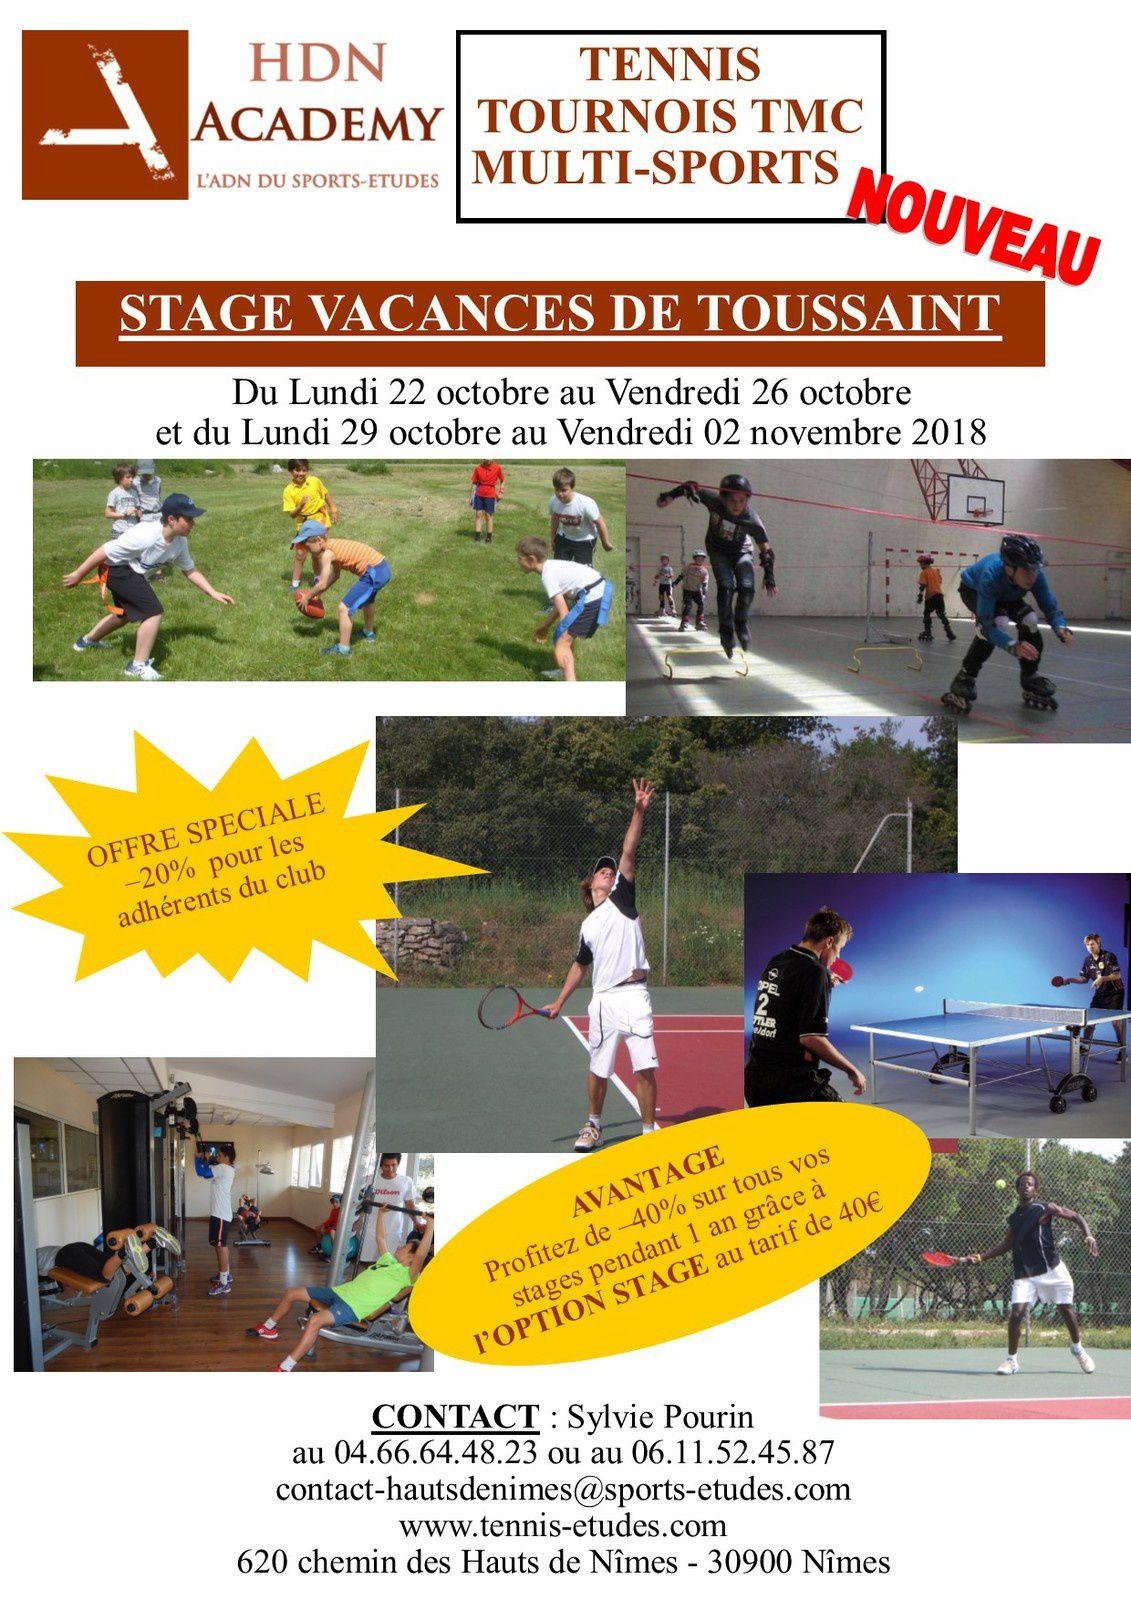 Stage tennis et mulit-sports pendant les Vacances de Toussaint avec  HDN ACADEMY aux Hauts de Nîmes avec l'équipe du Sports-Etudes